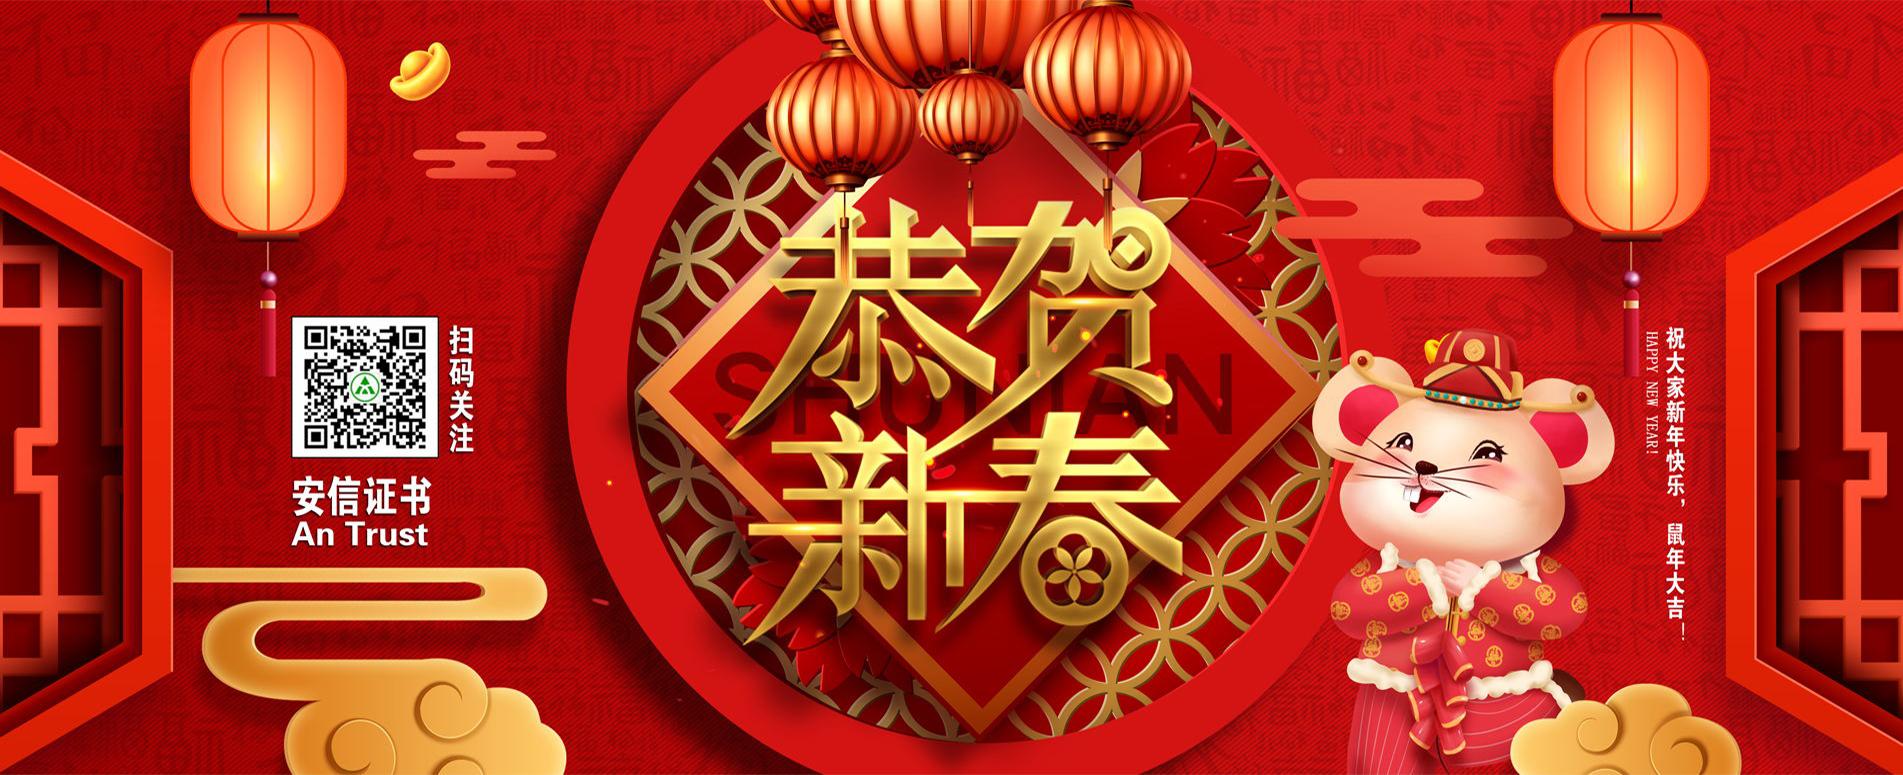 安信贺新年